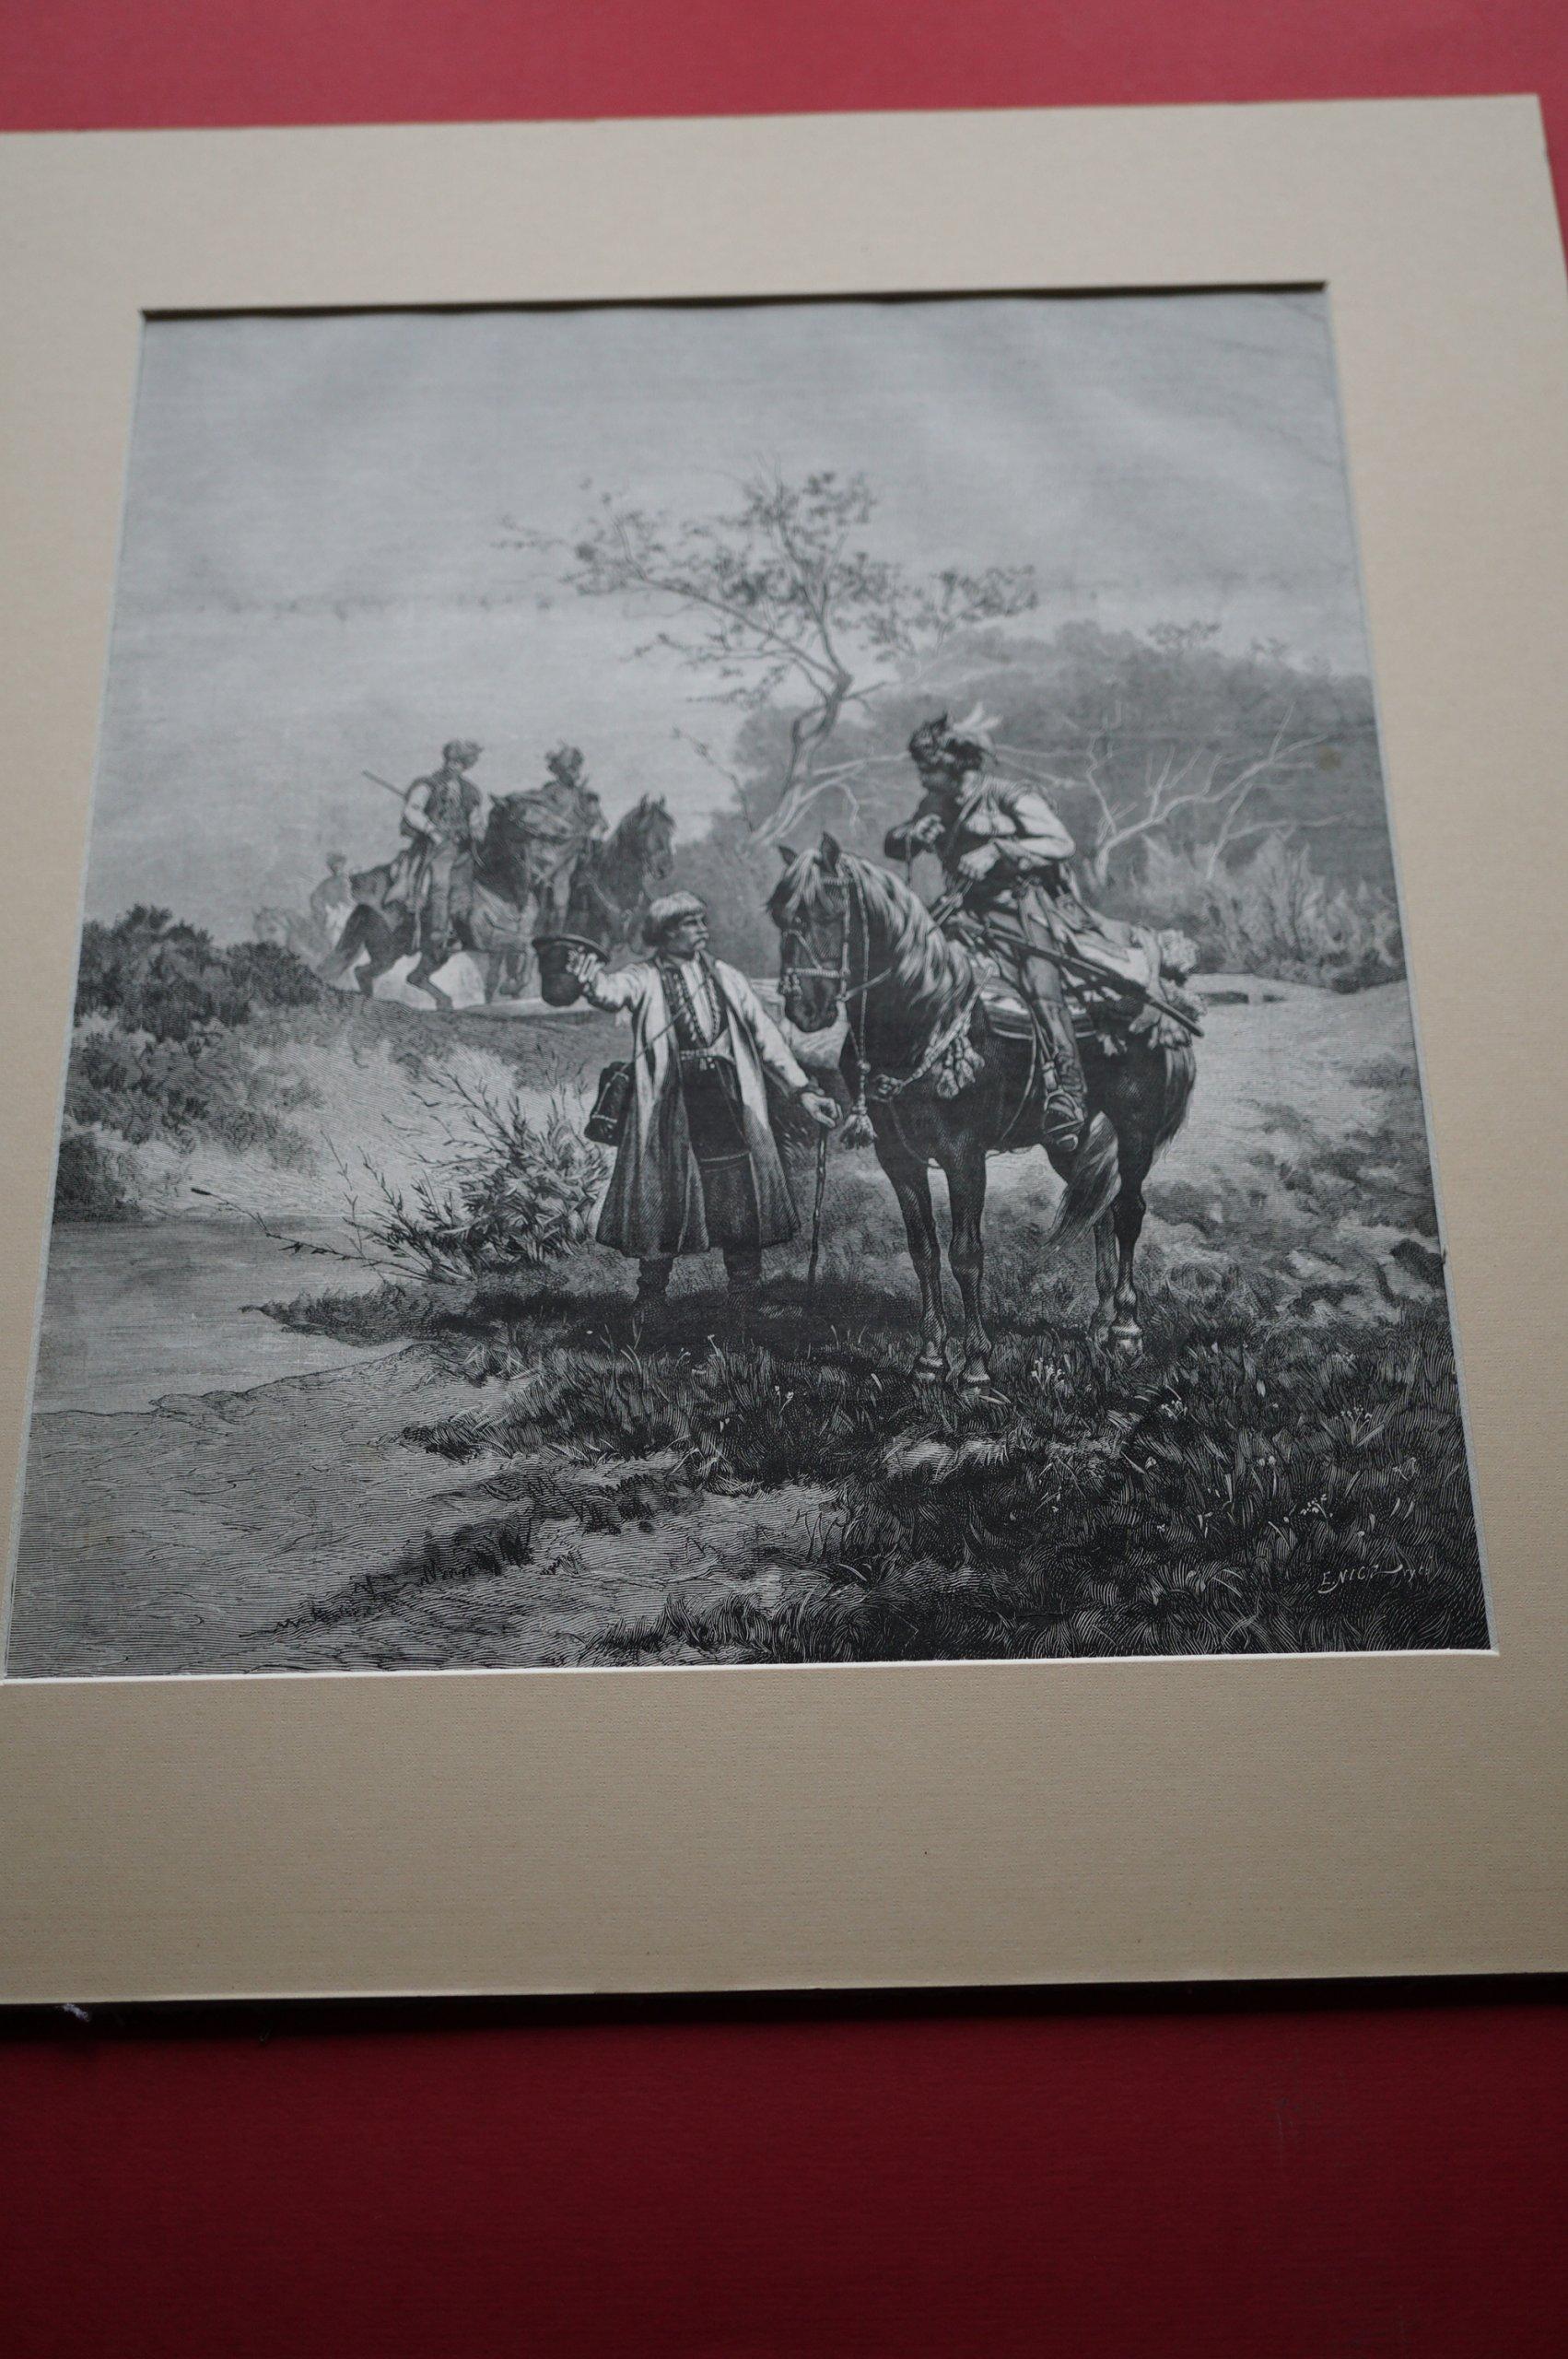 SZERNER W.: Lisowczycy w pochodzie. Drzeworyt 1882